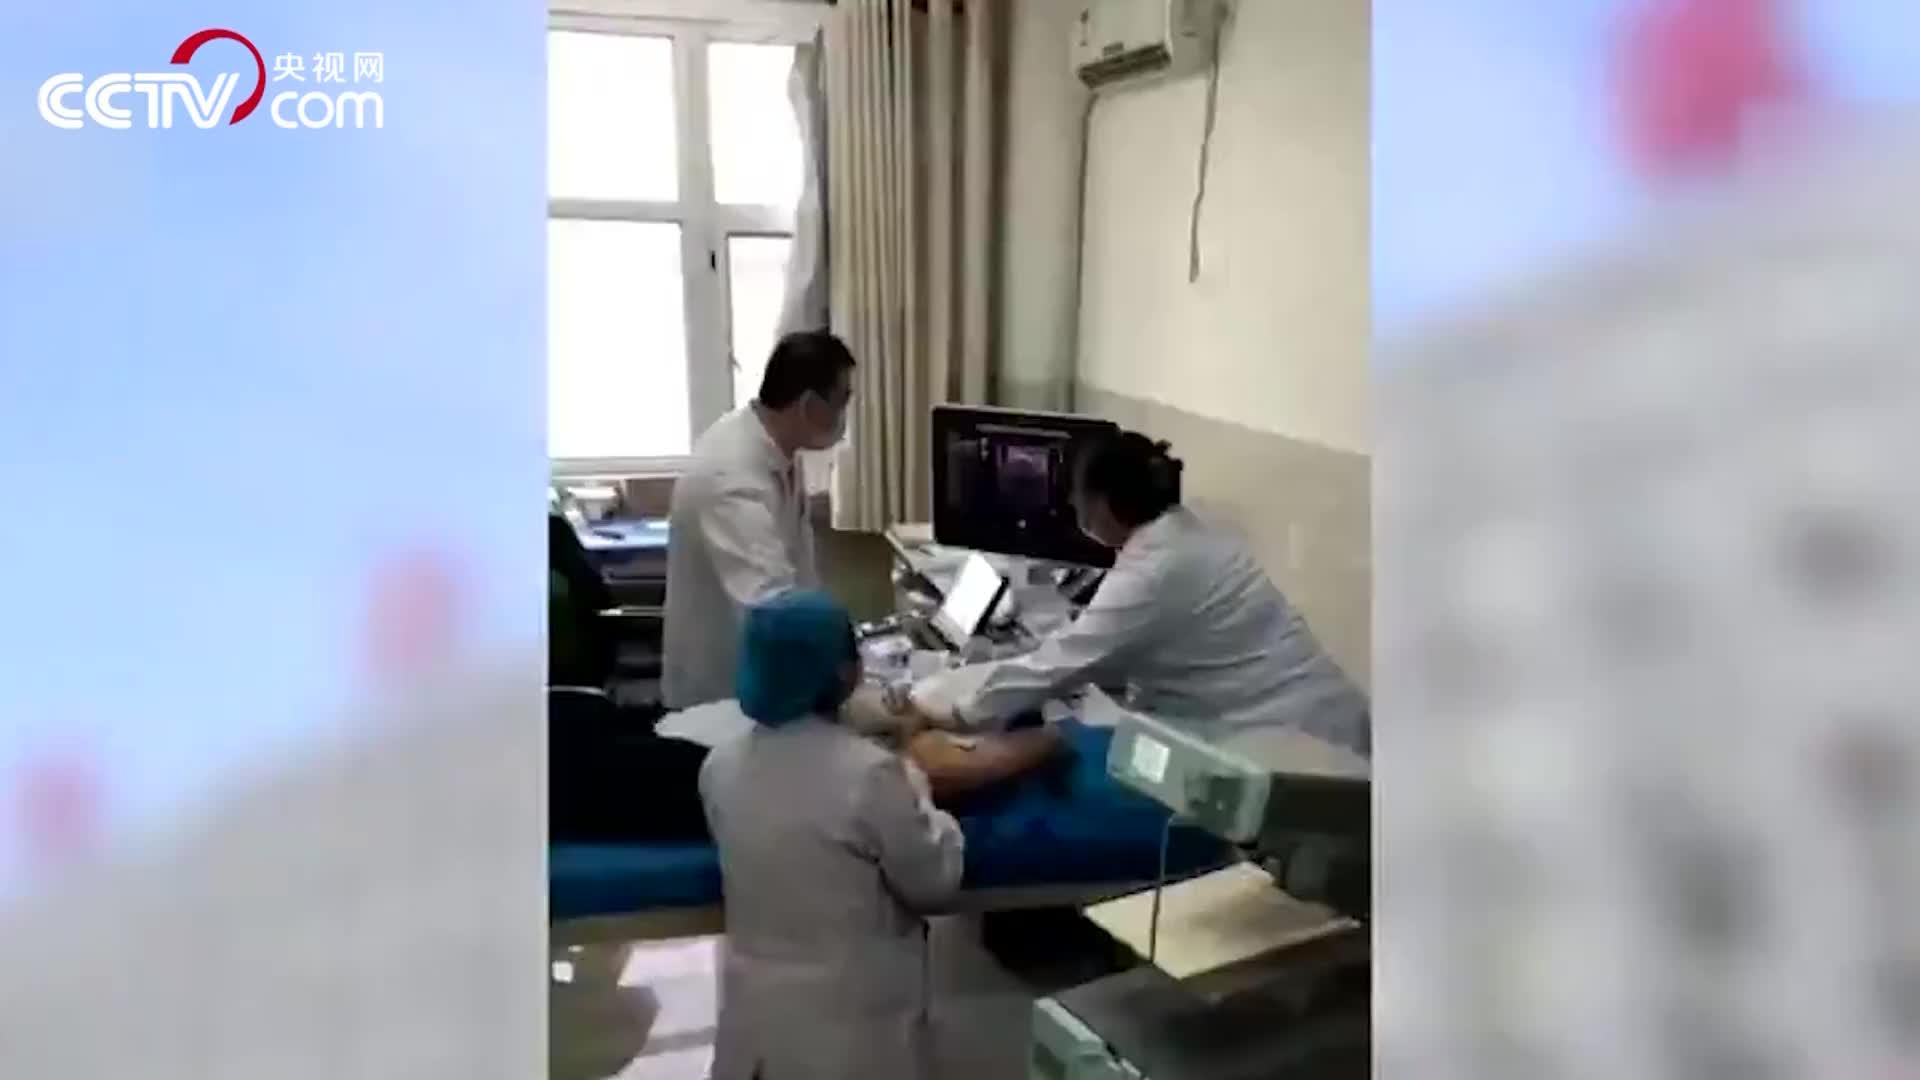 """[视频]致敬!医生跪地两小时为患者手术 """"最美姿势""""刷屏网络"""